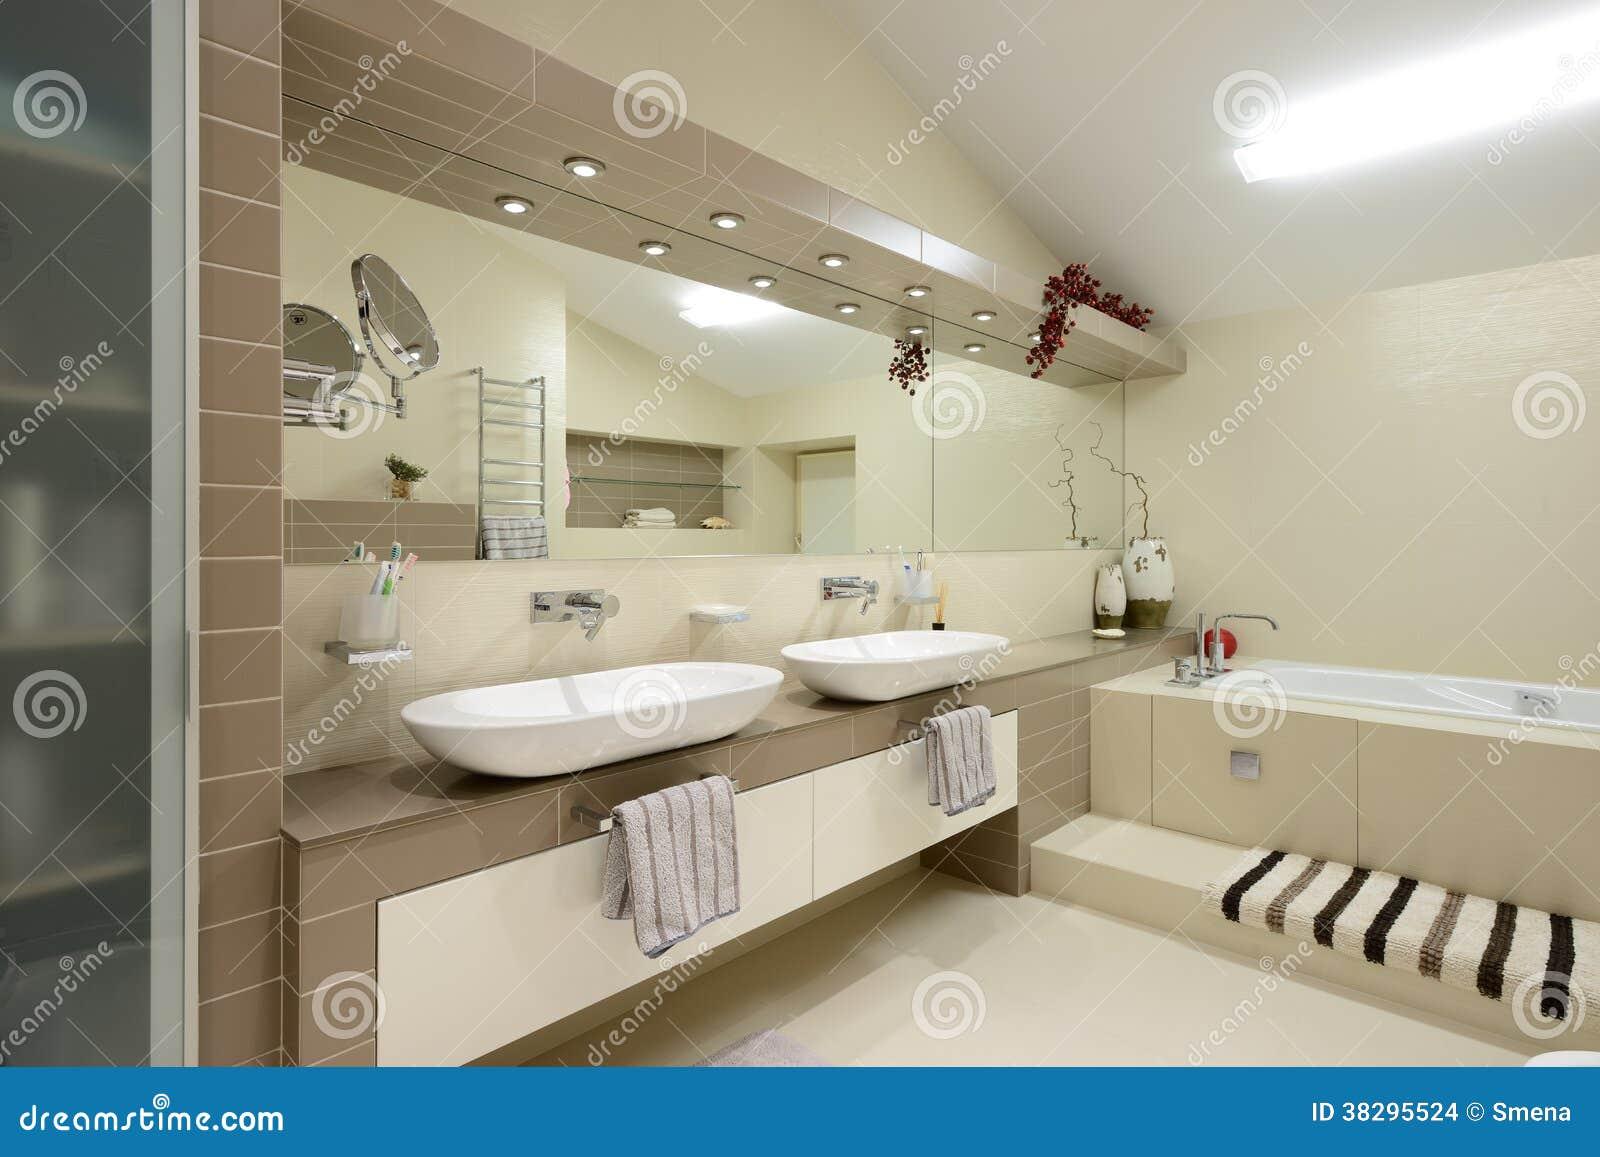 Interno moderno bagno fotografia stock immagine di for Interno moderno